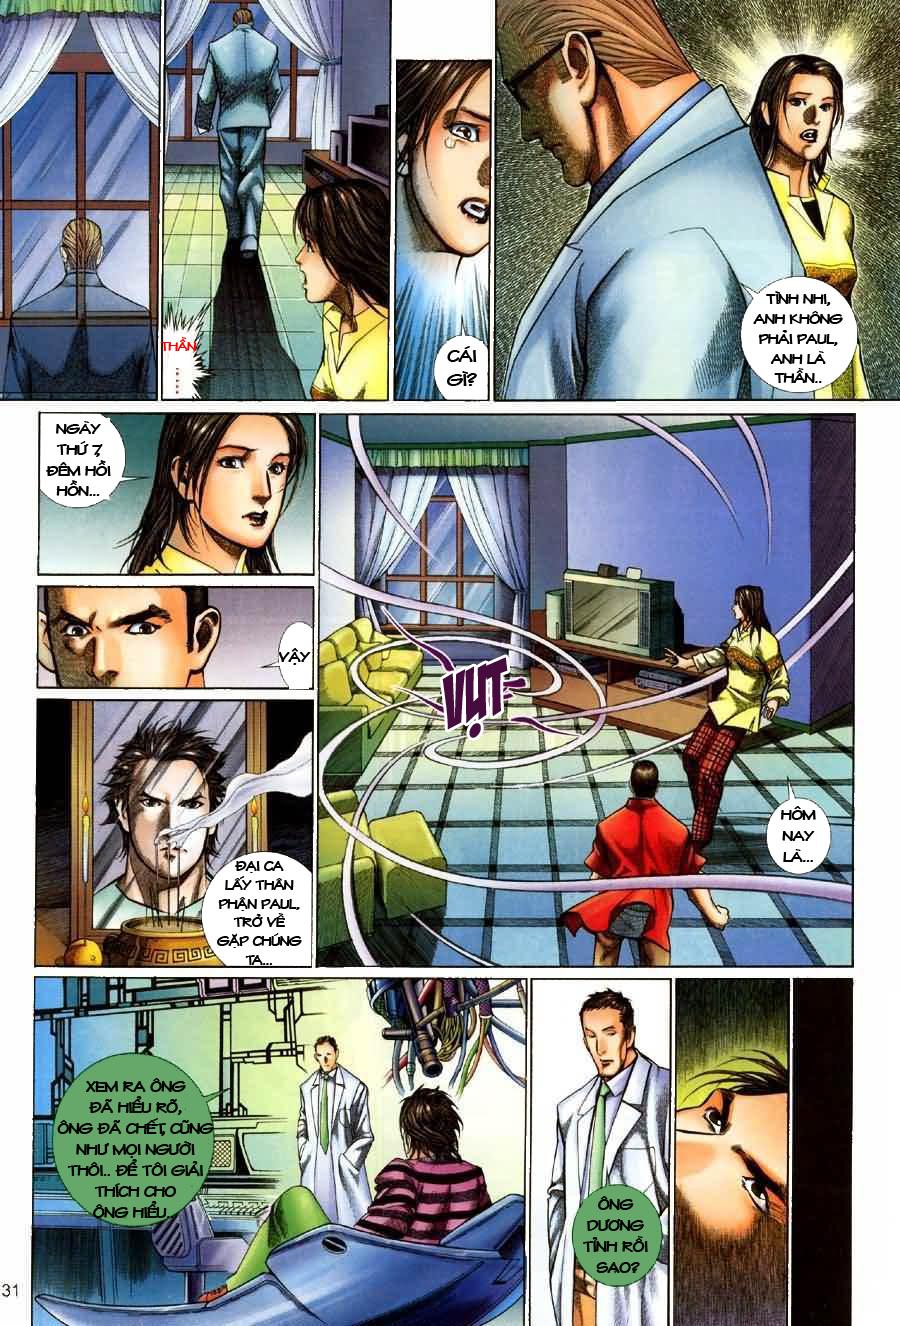 Quỷ Mộ chap 001 trang 31